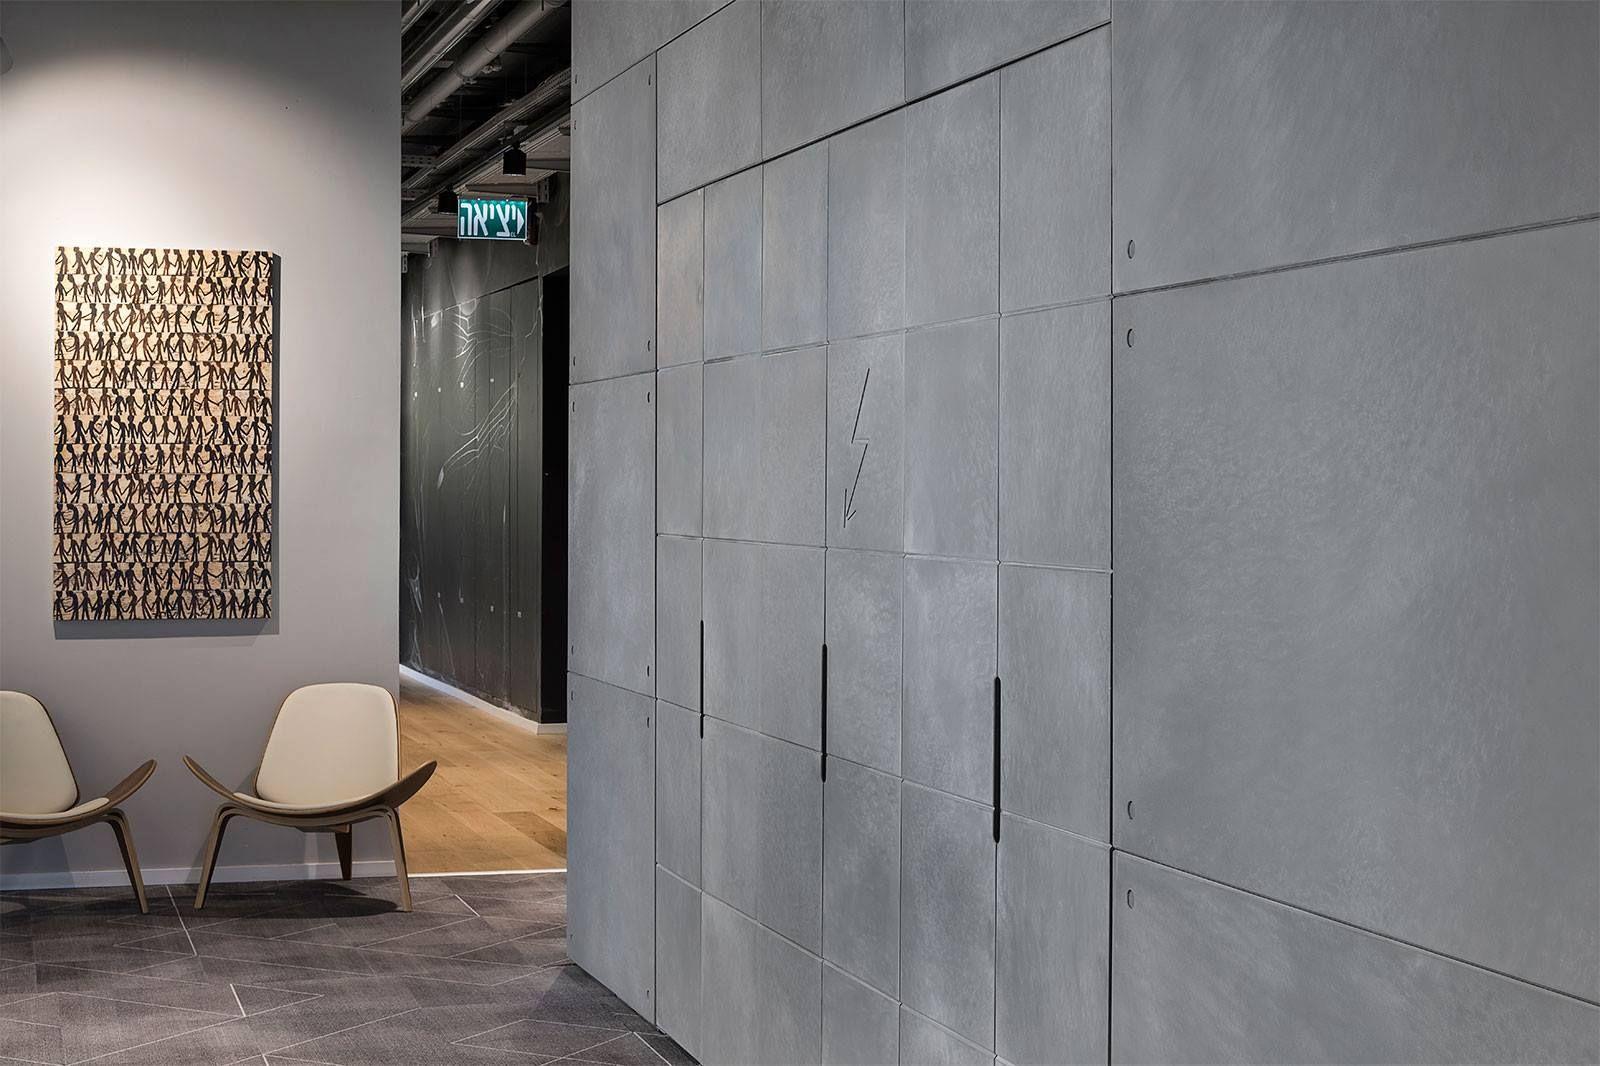 Luxury Concreteart Architecture Concrete Architecture Art Craft Texture Interior Pattern Design Interiord Concrete Wall Concrete Cover Concrete Art